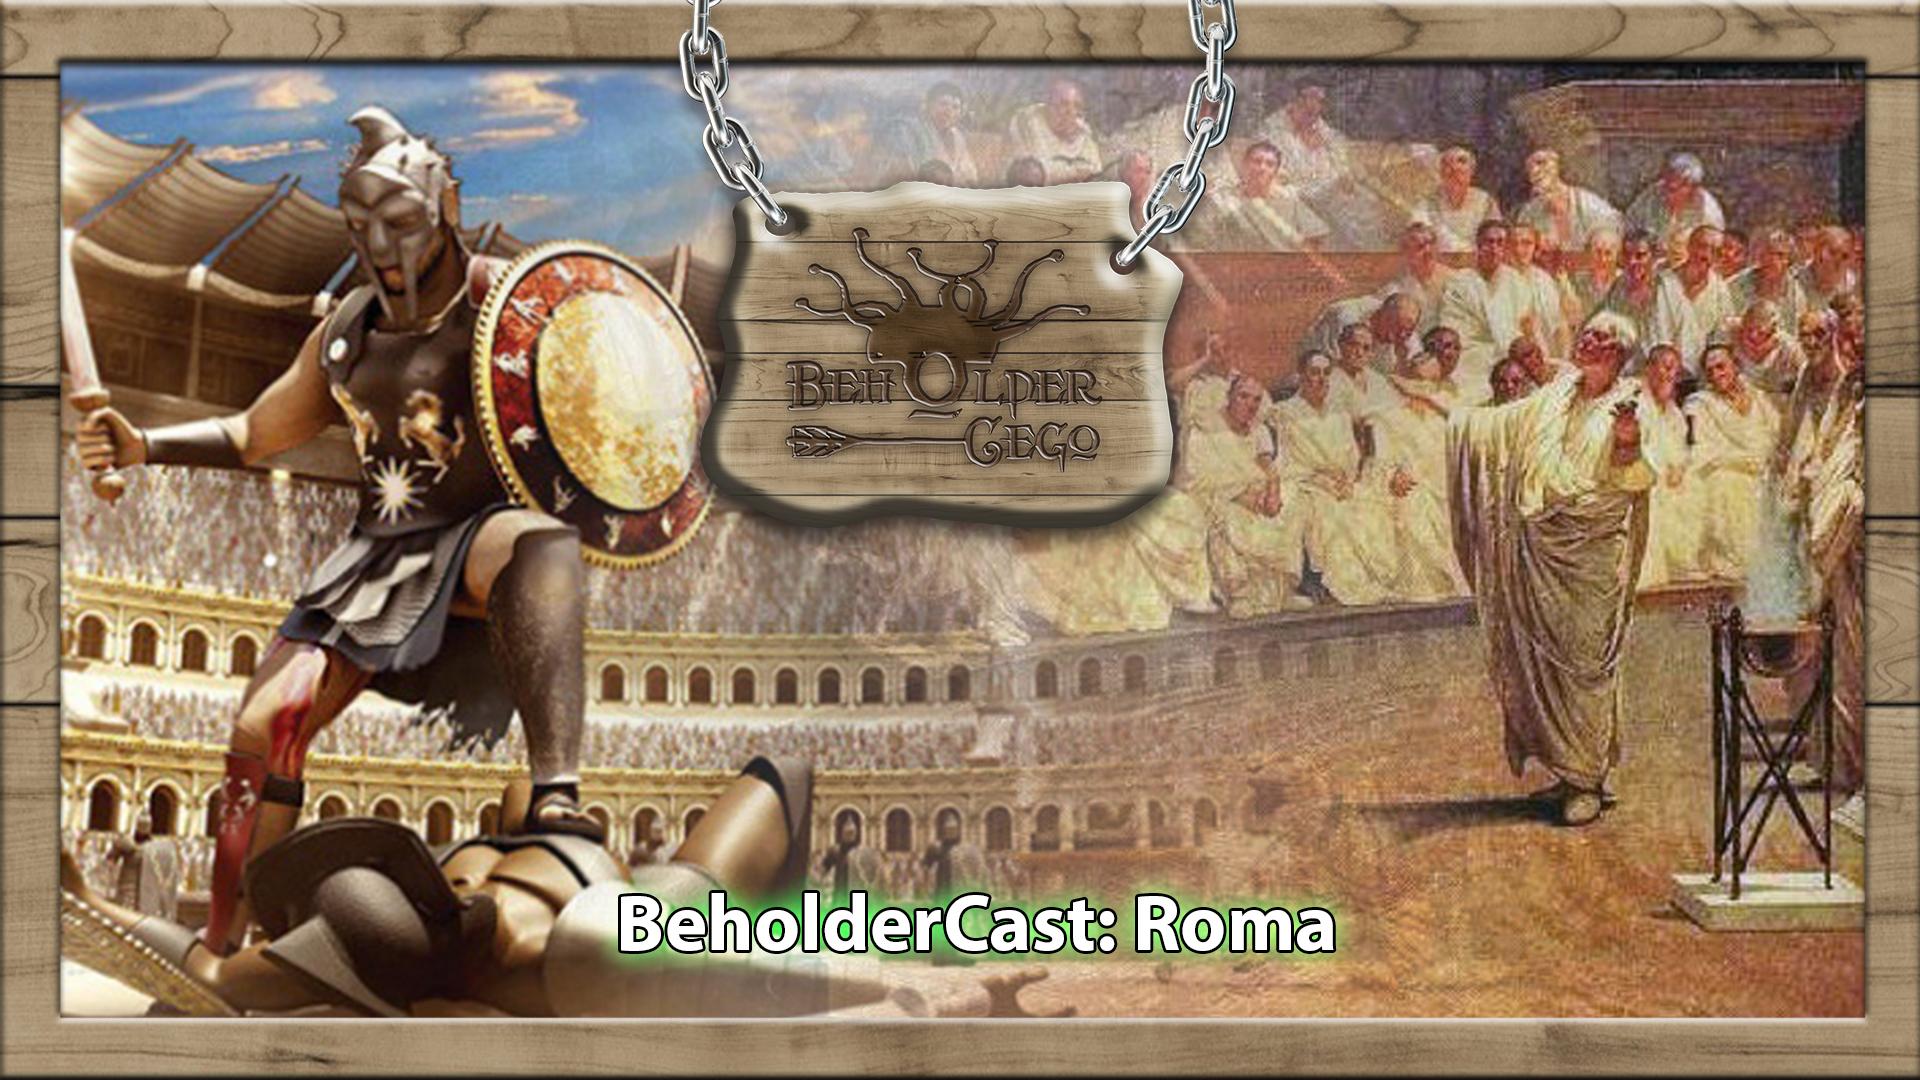 BeholderCast: Roma